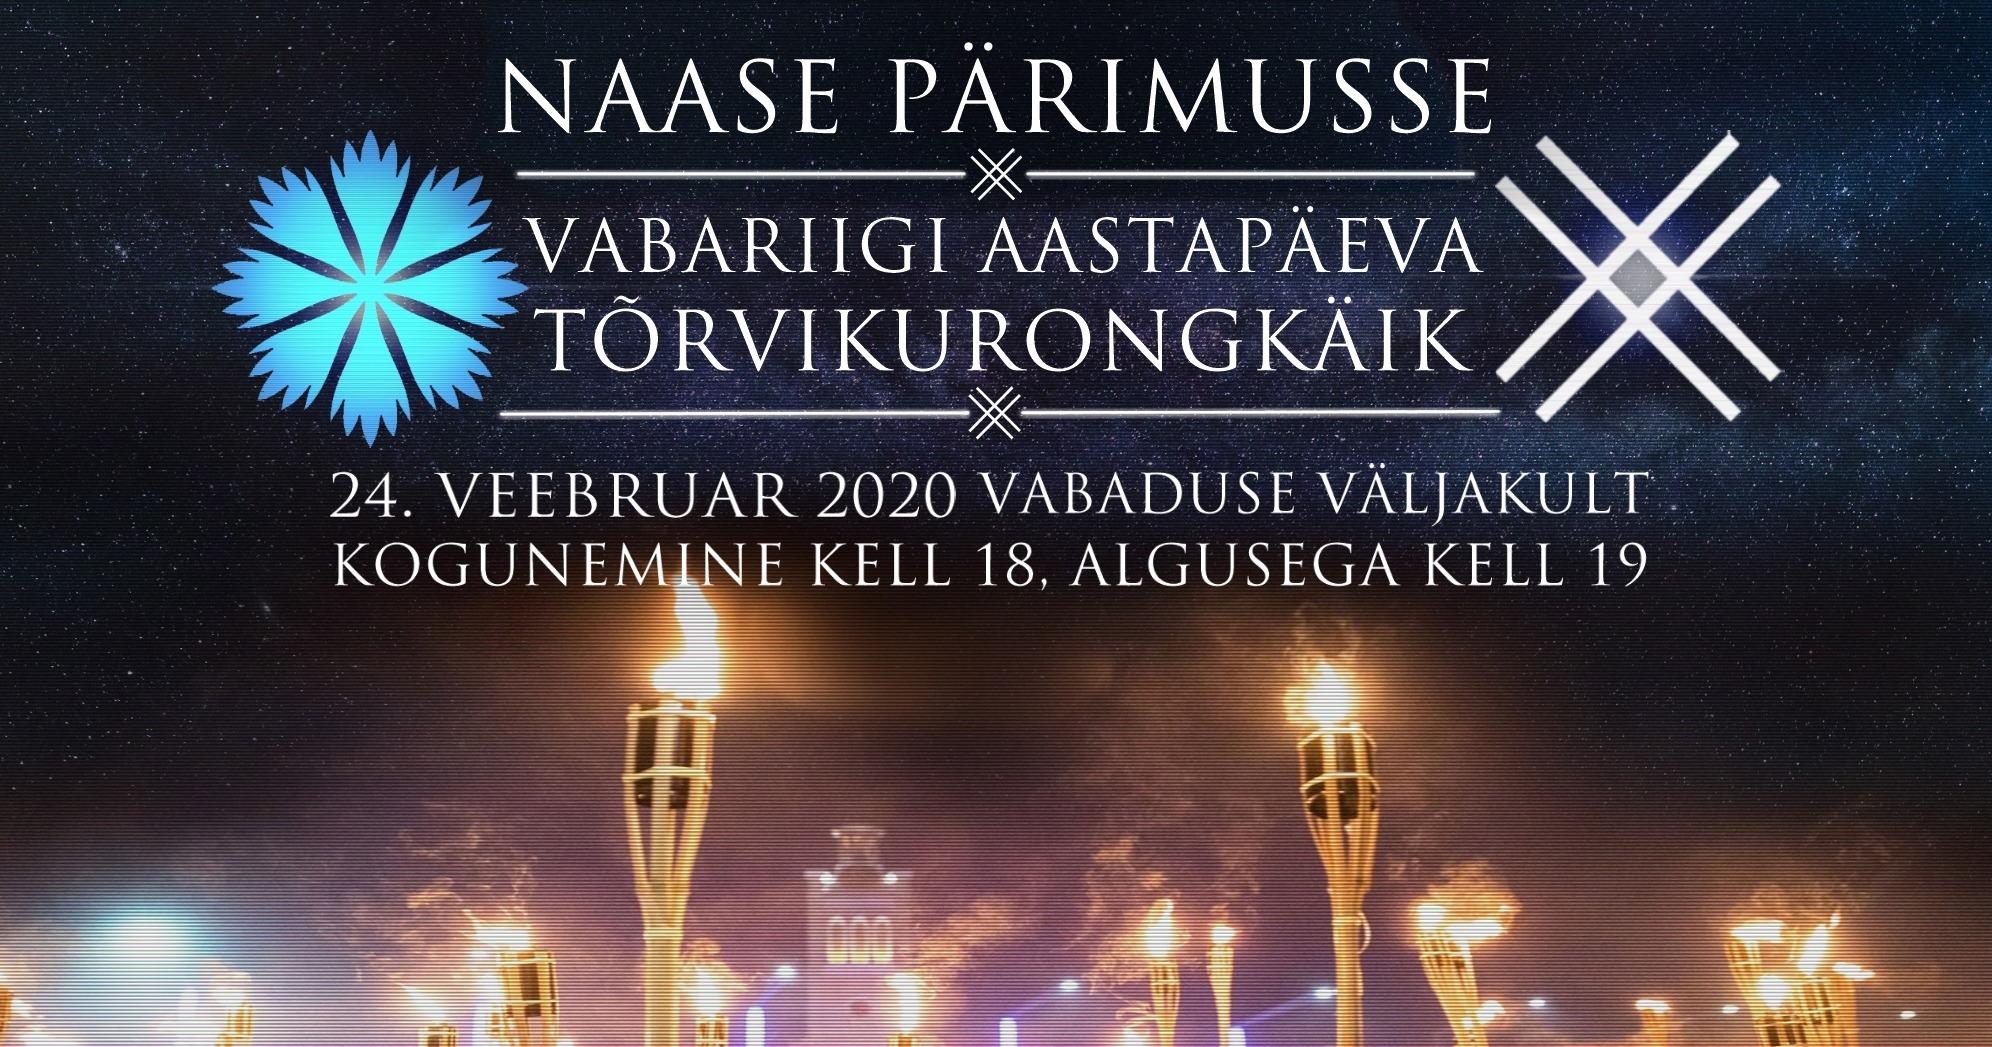 24. veebruar 2020: Vabariigi aastapäeva tõrvikurongkäik